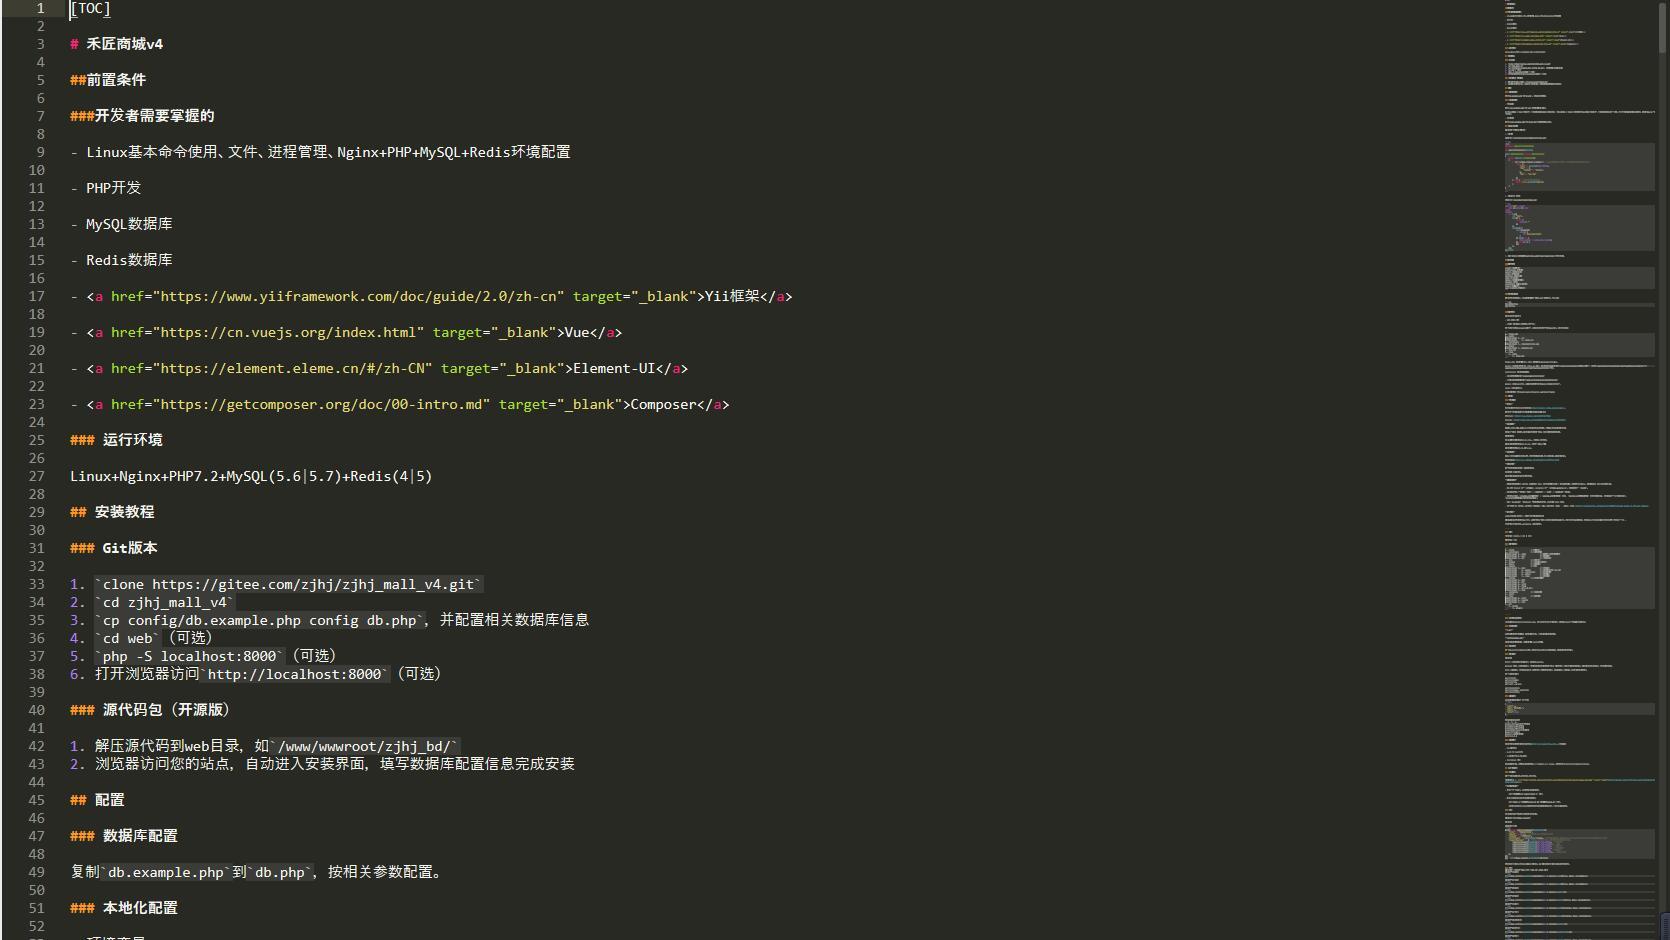 【全开源】禾匠榜店4.3.50全开源独立版官方原版开源前端带VUE可自行编译-狮子喵